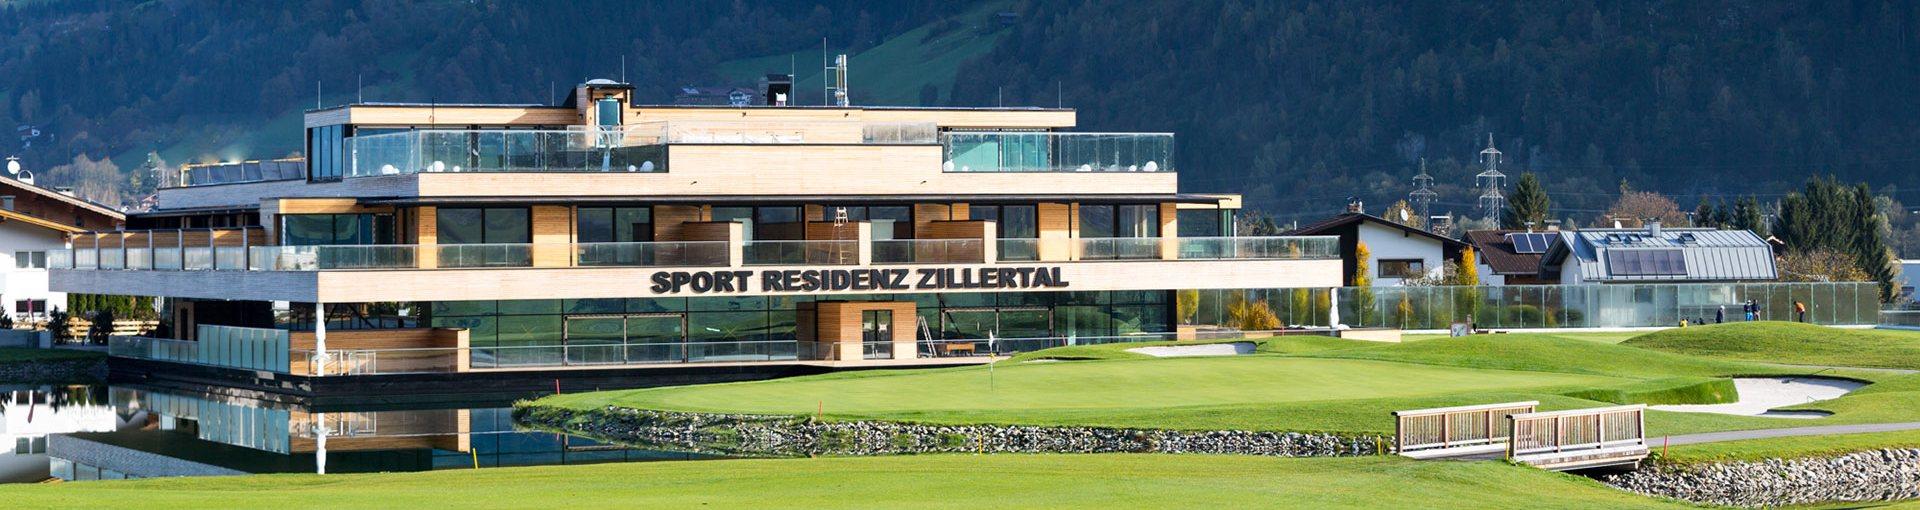 Sportresidenz Zillertal © Erste Ferienregion im Zillertal